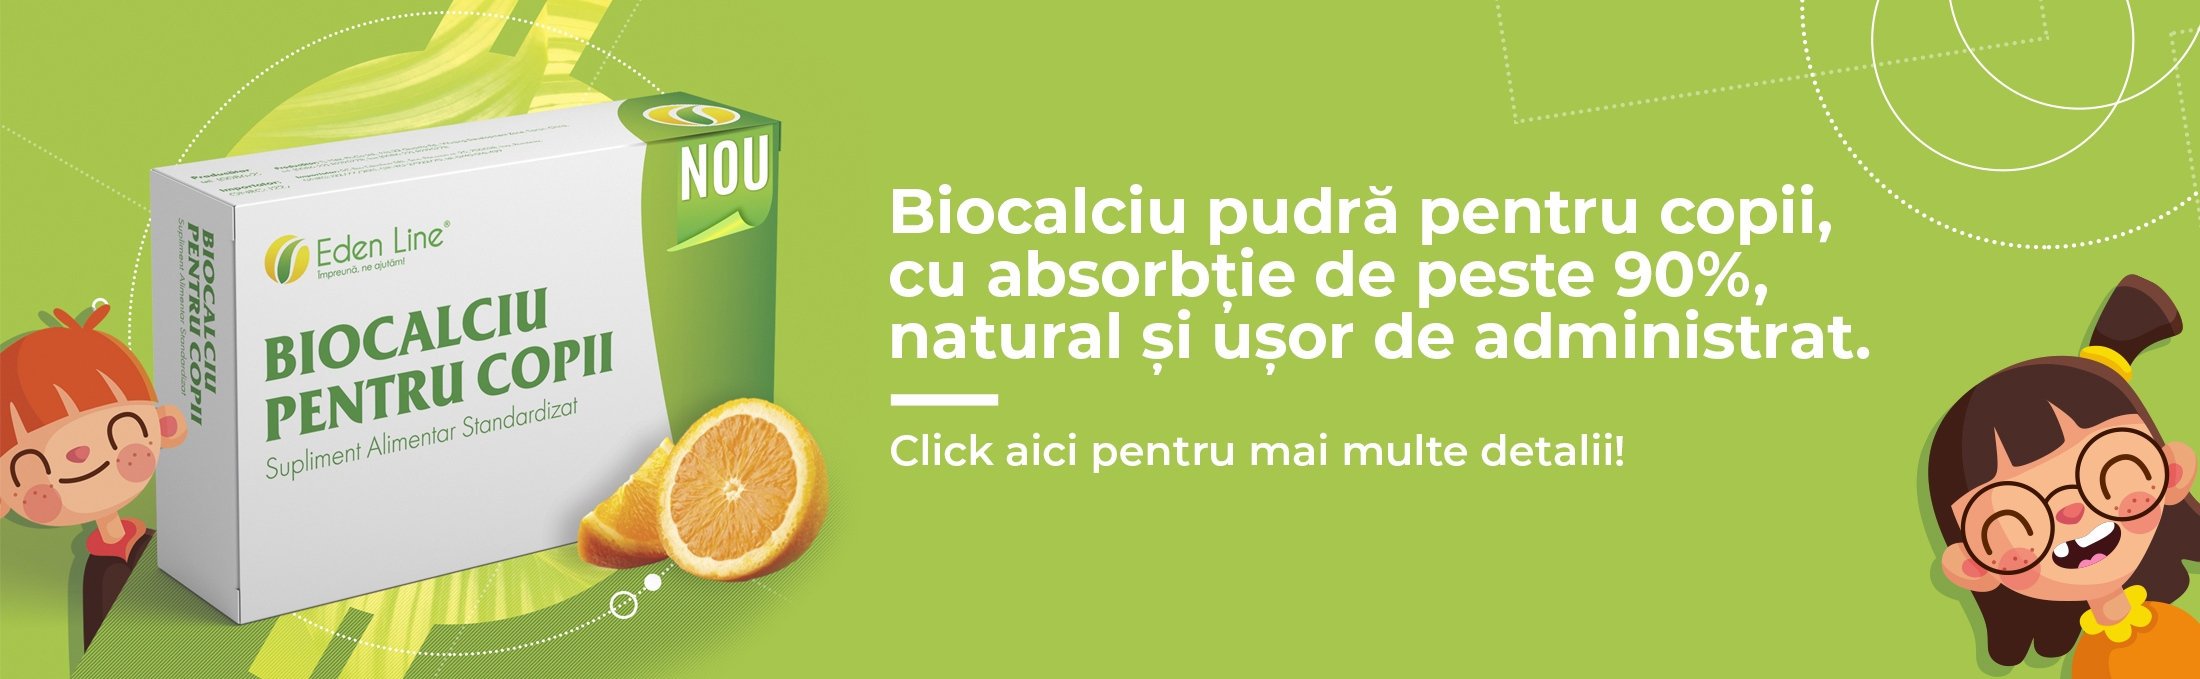 Biocalciu pentru copii banner energym